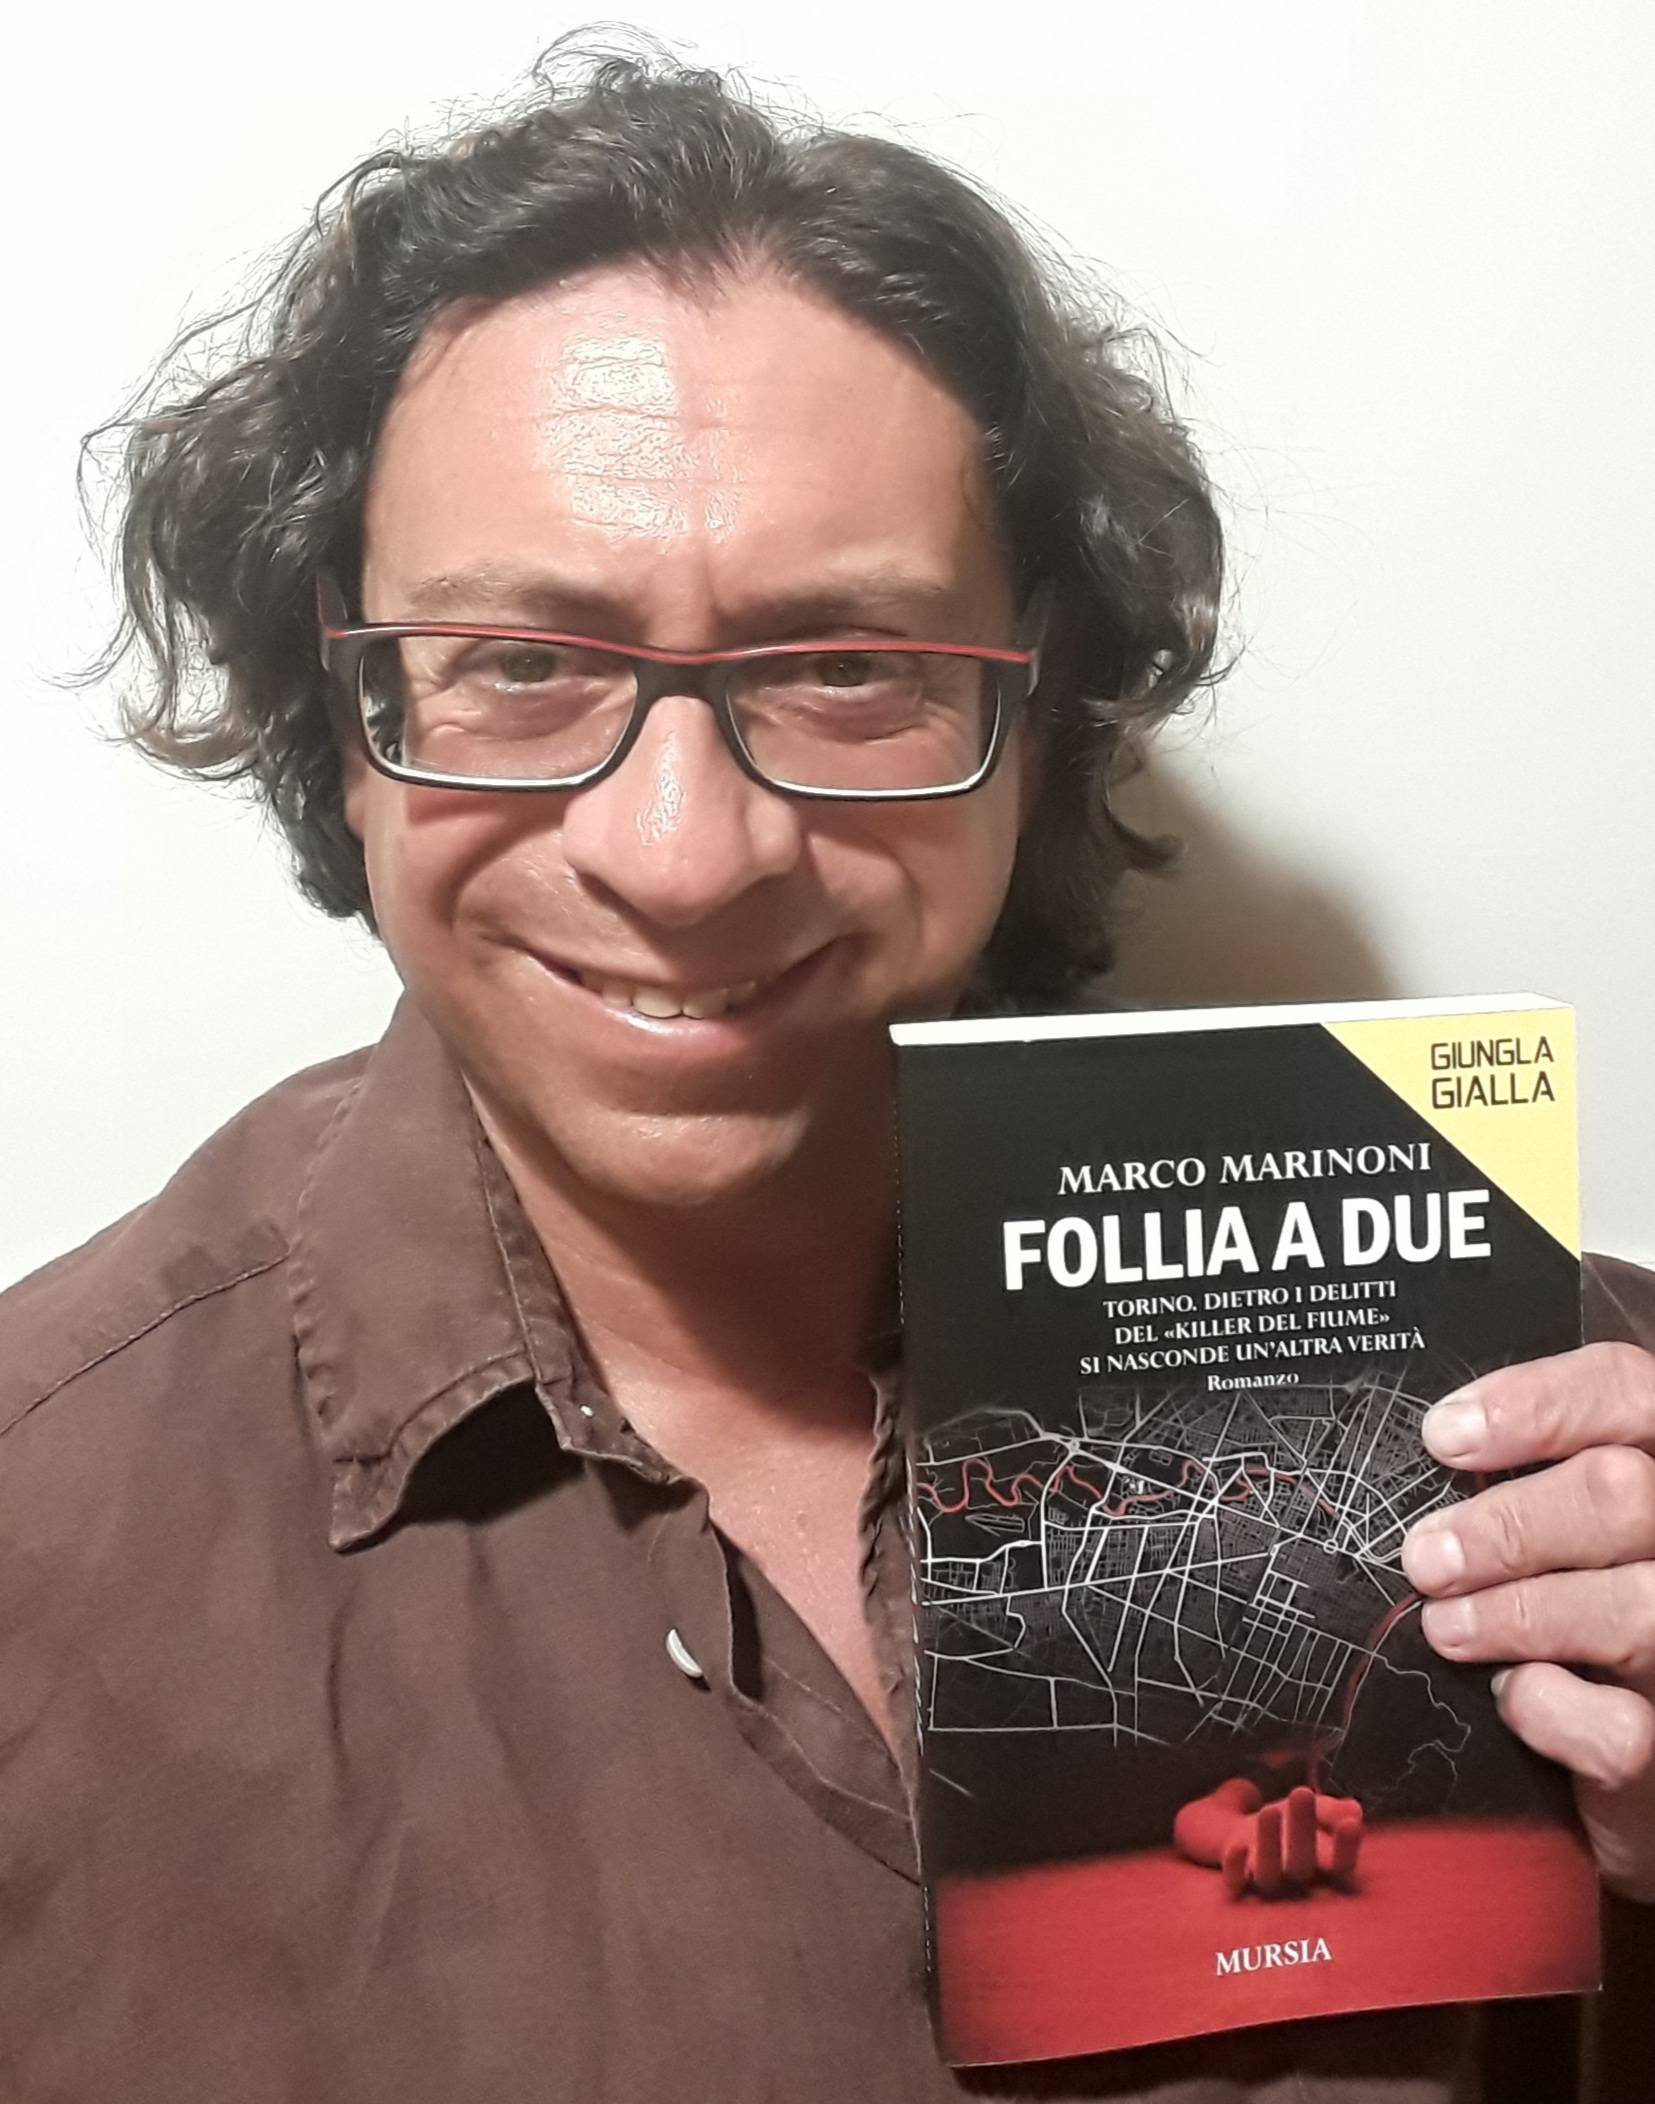 Giungla Gialla: Follia a due - in libreria il nuovo noir di Marco Marinoni